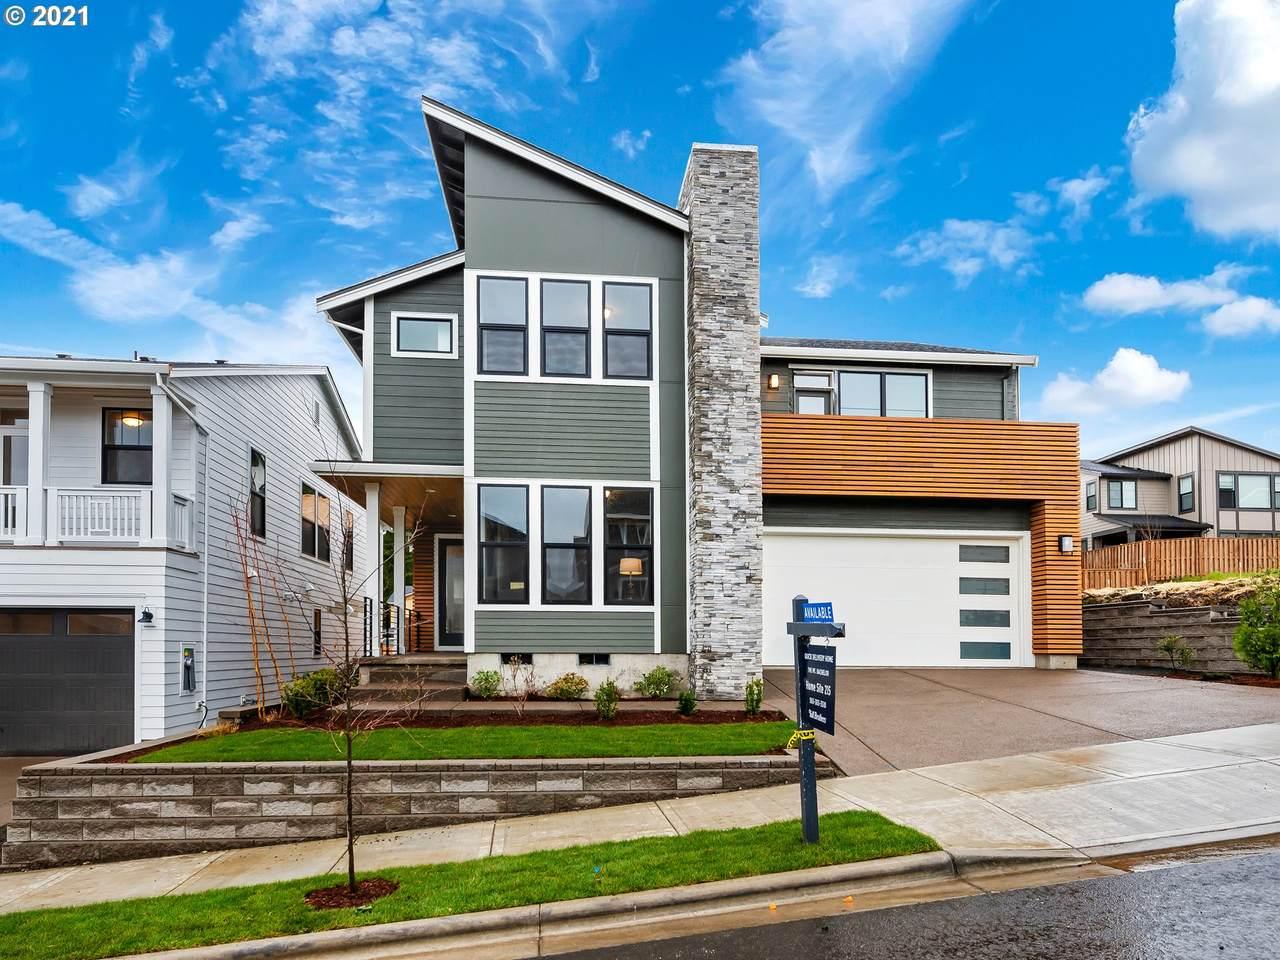 4468 Woodgate Ave - Photo 1